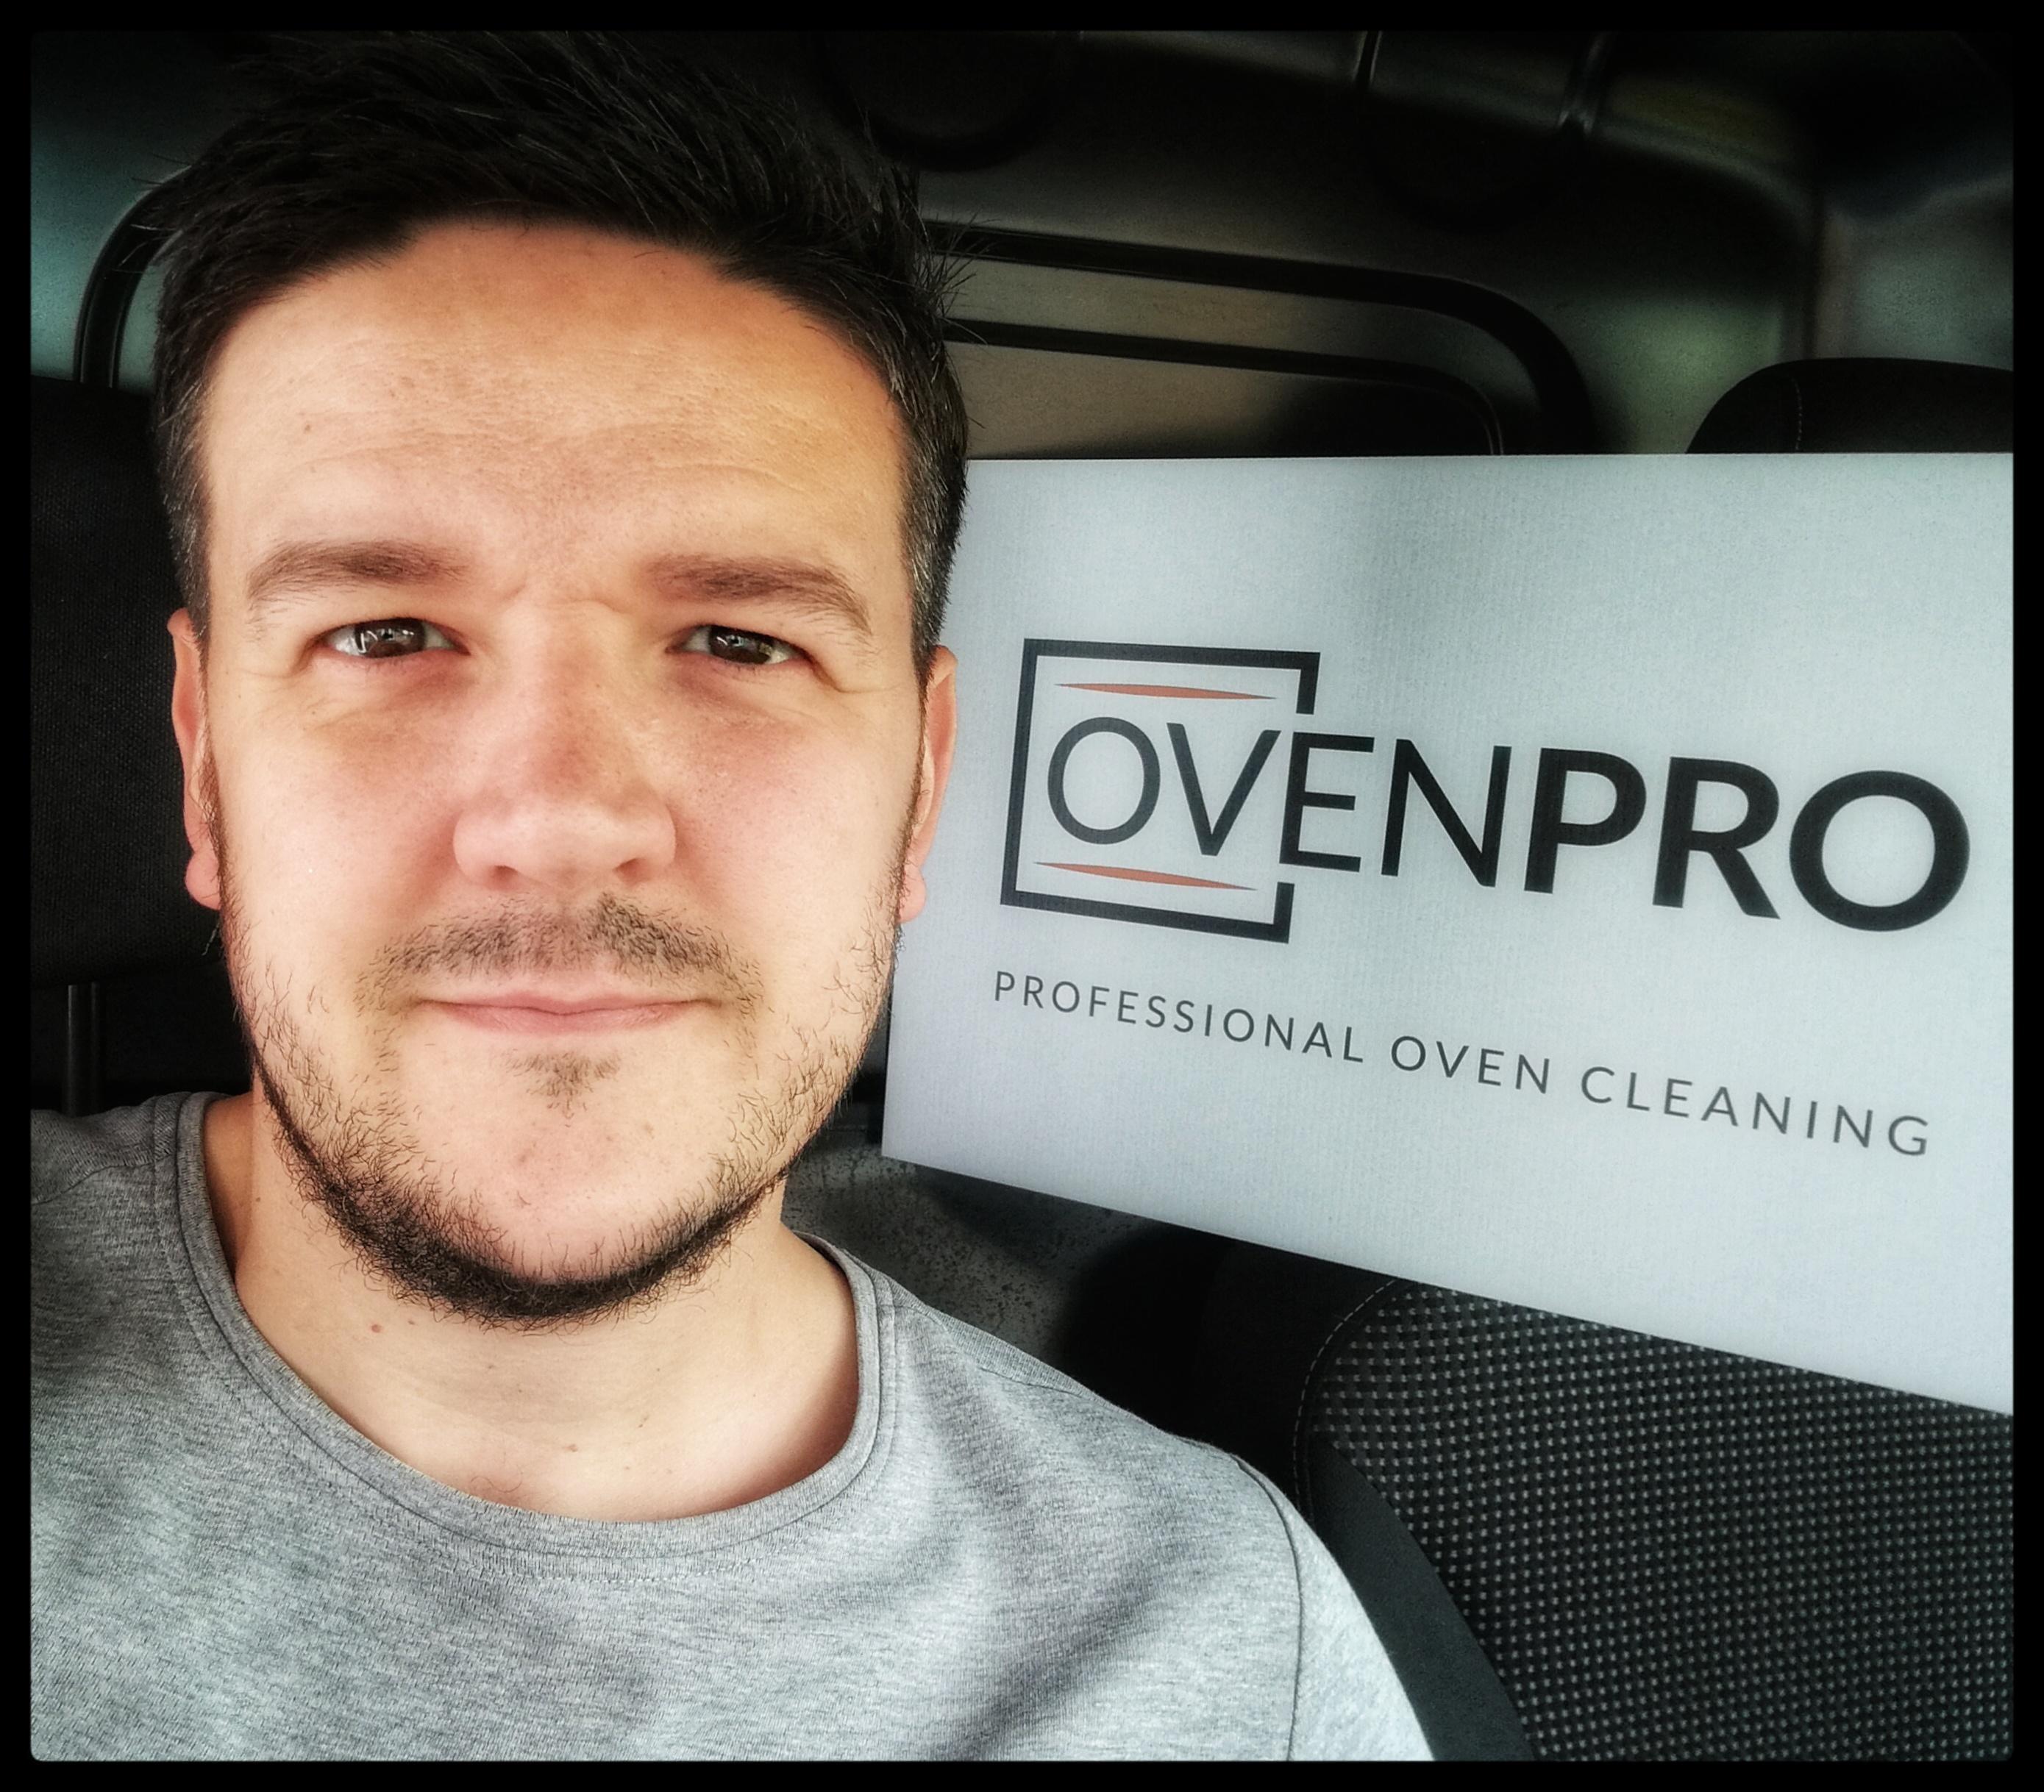 Mark_Ovenpro